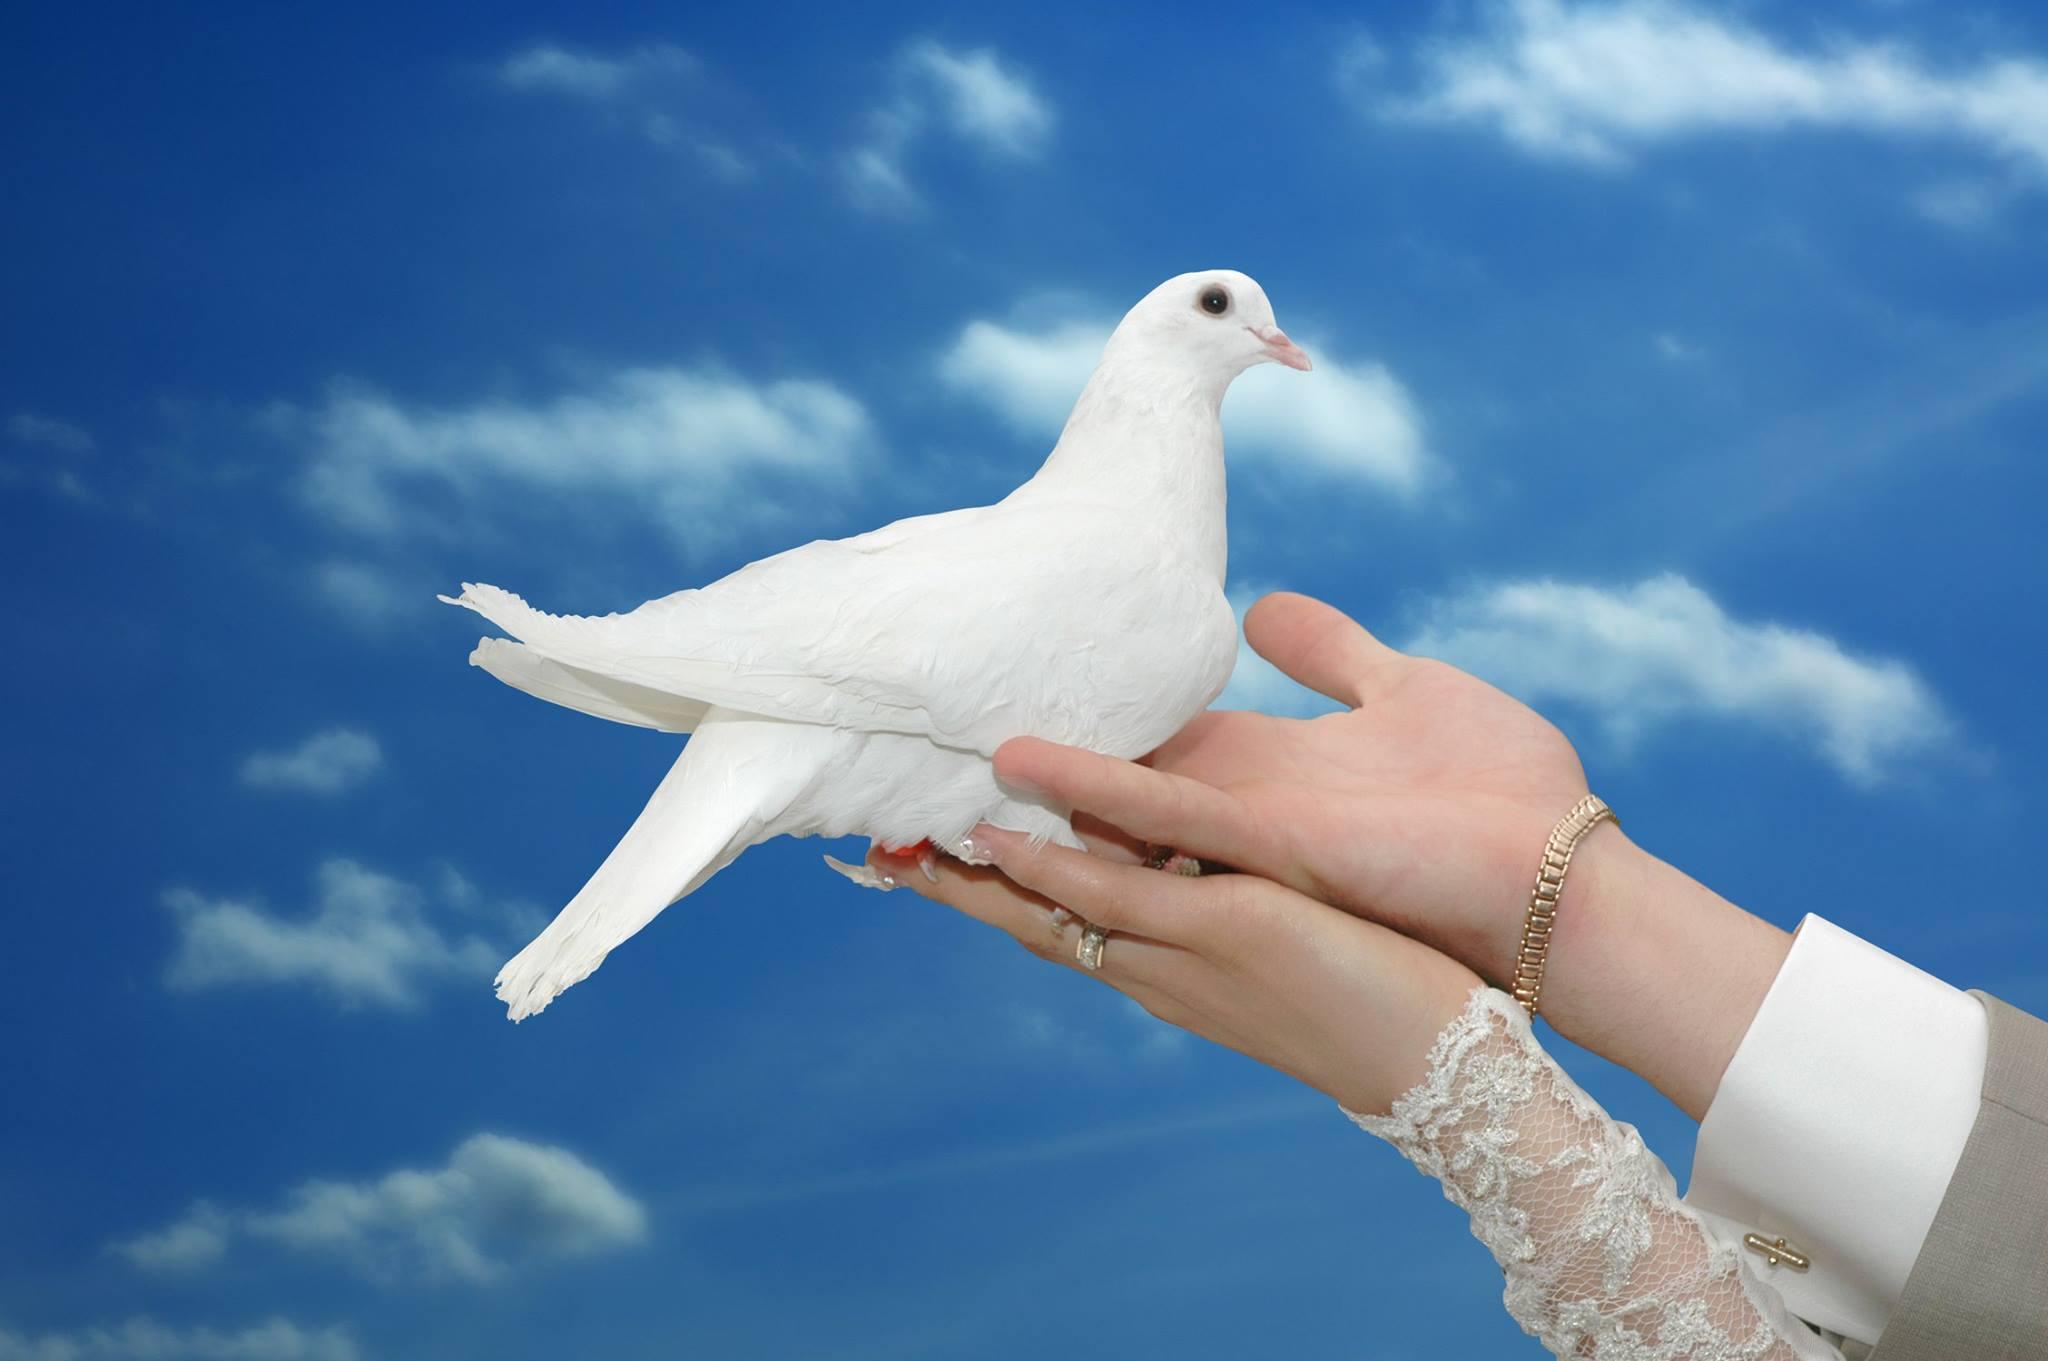 صور حمام ابيض يرفرف في السماء 1 صور حمامه السلام